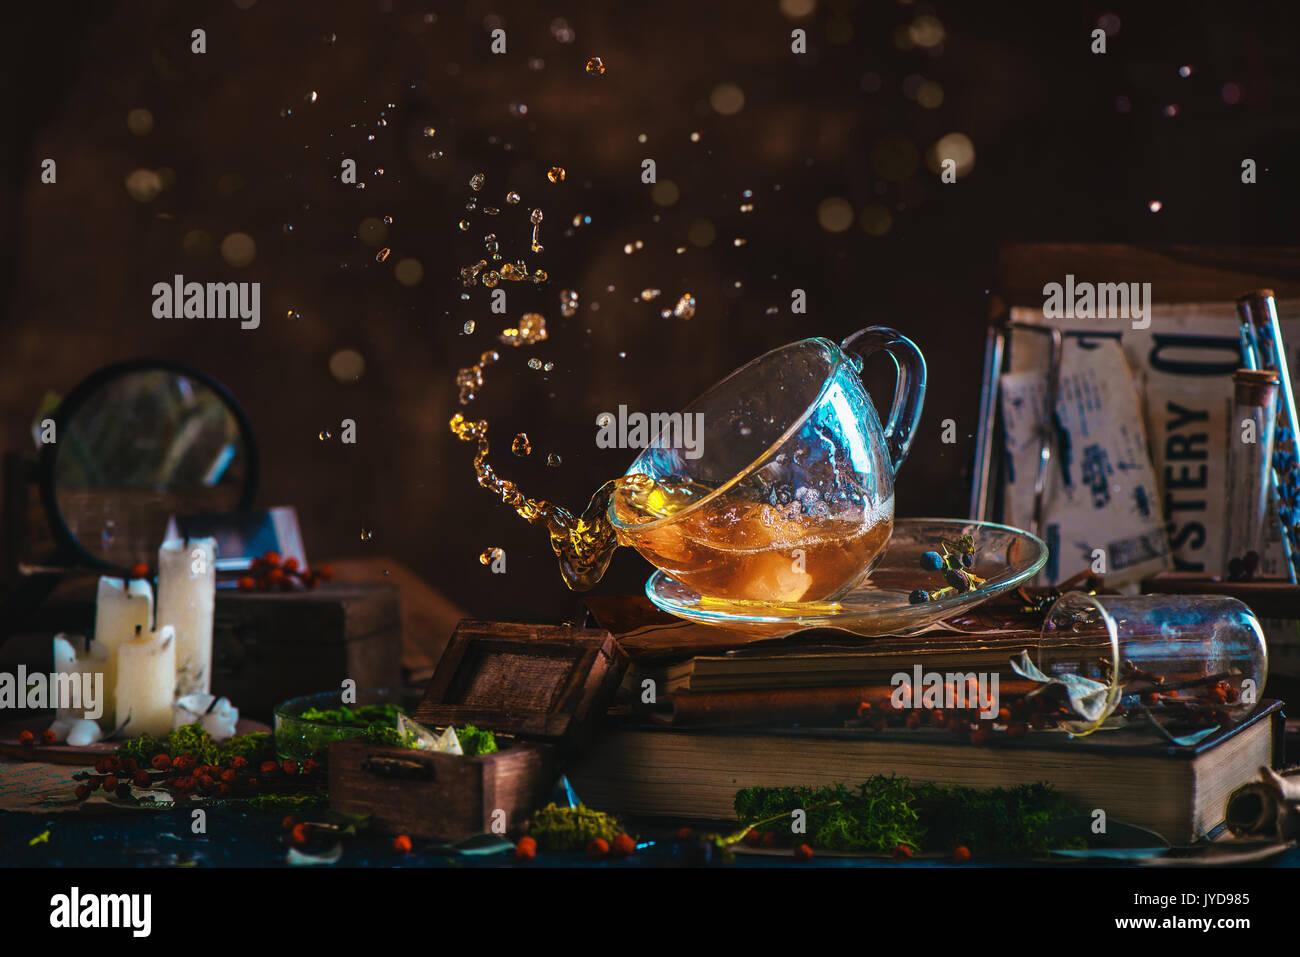 Plateau splash dans une tasse en verre sur un fond de bois avec des bougies, du mystère, des livres, des clips journal feuilles et mousse. action la vie avec plateau gouttes bokeh Photo Stock